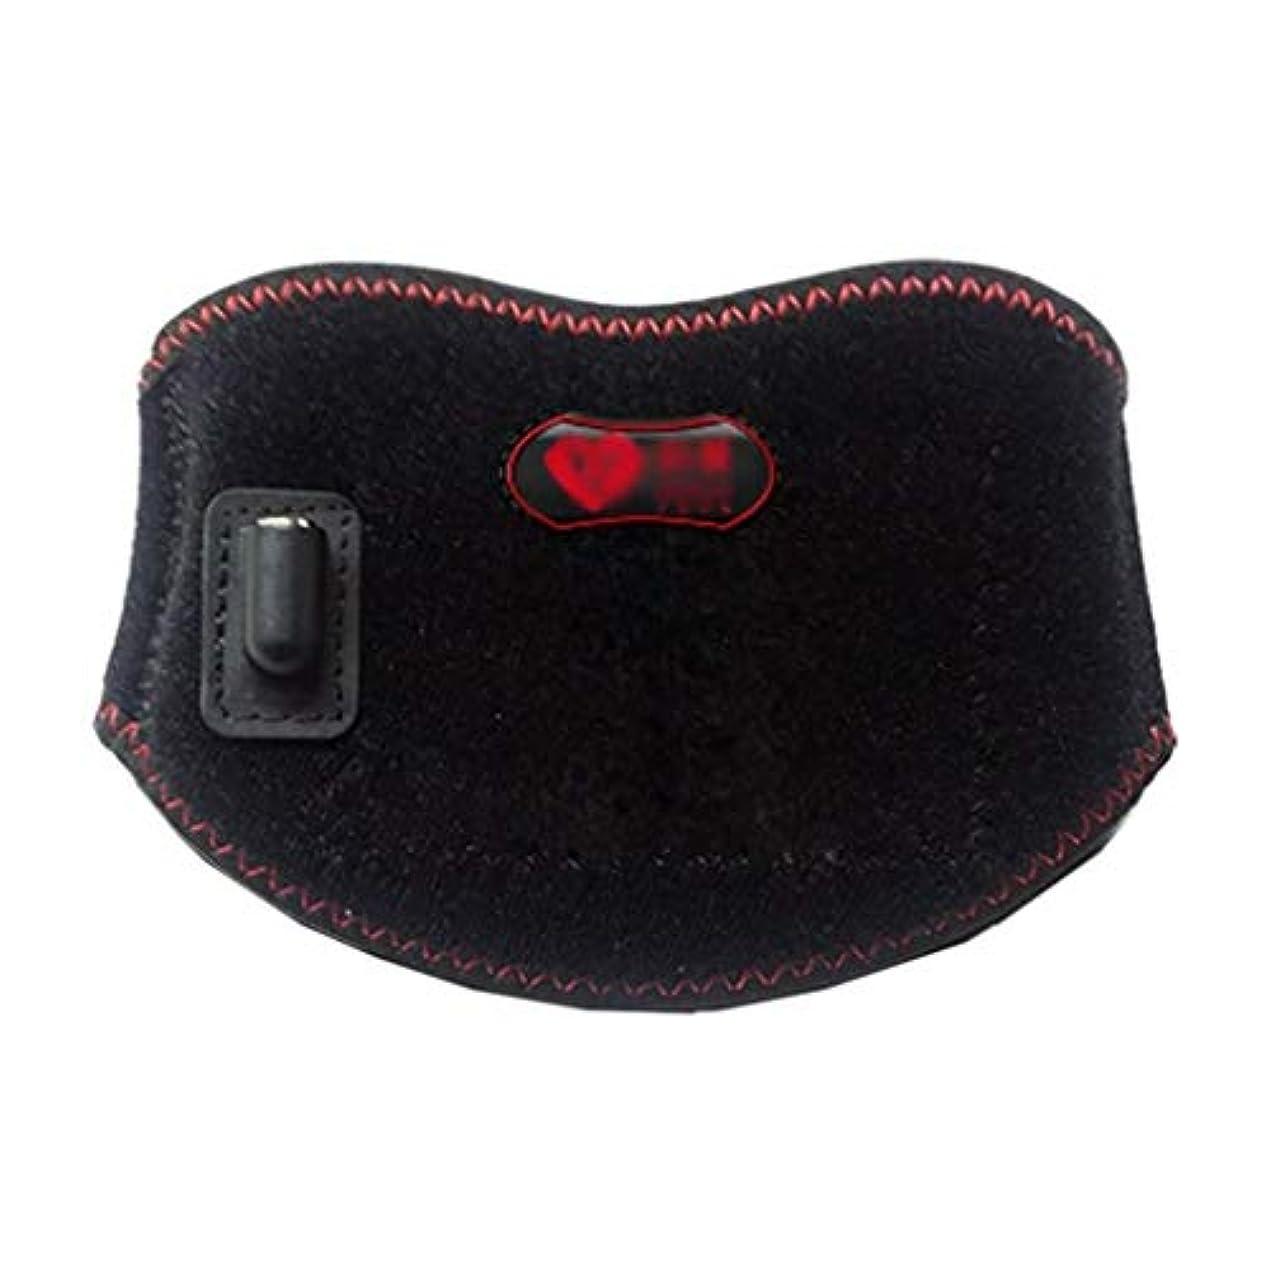 電動ネックマッサージ、温熱首温ラップ/加熱、肩指圧マッサージ/筋肉の弛緩/血圧循環の促進、仕事の動きに適しています